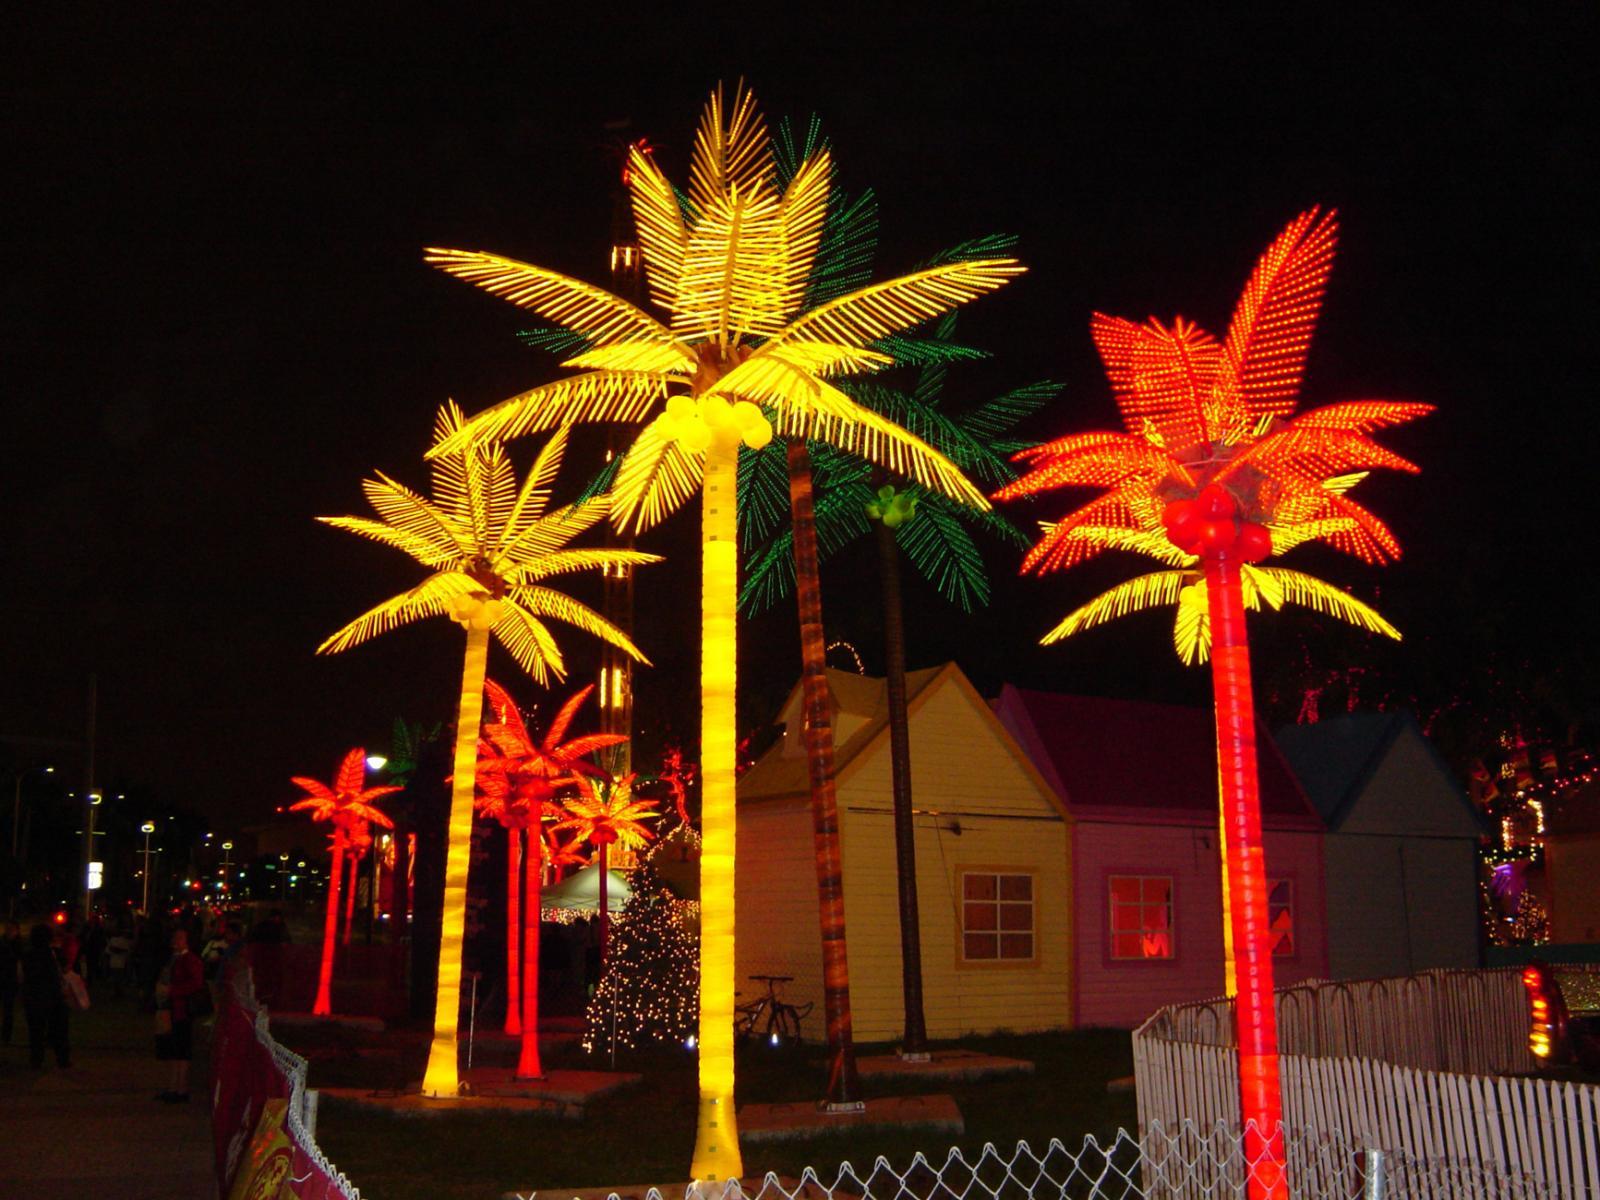 Navidad en miami mejores actividades y eventos - Decoracion en navidad ...